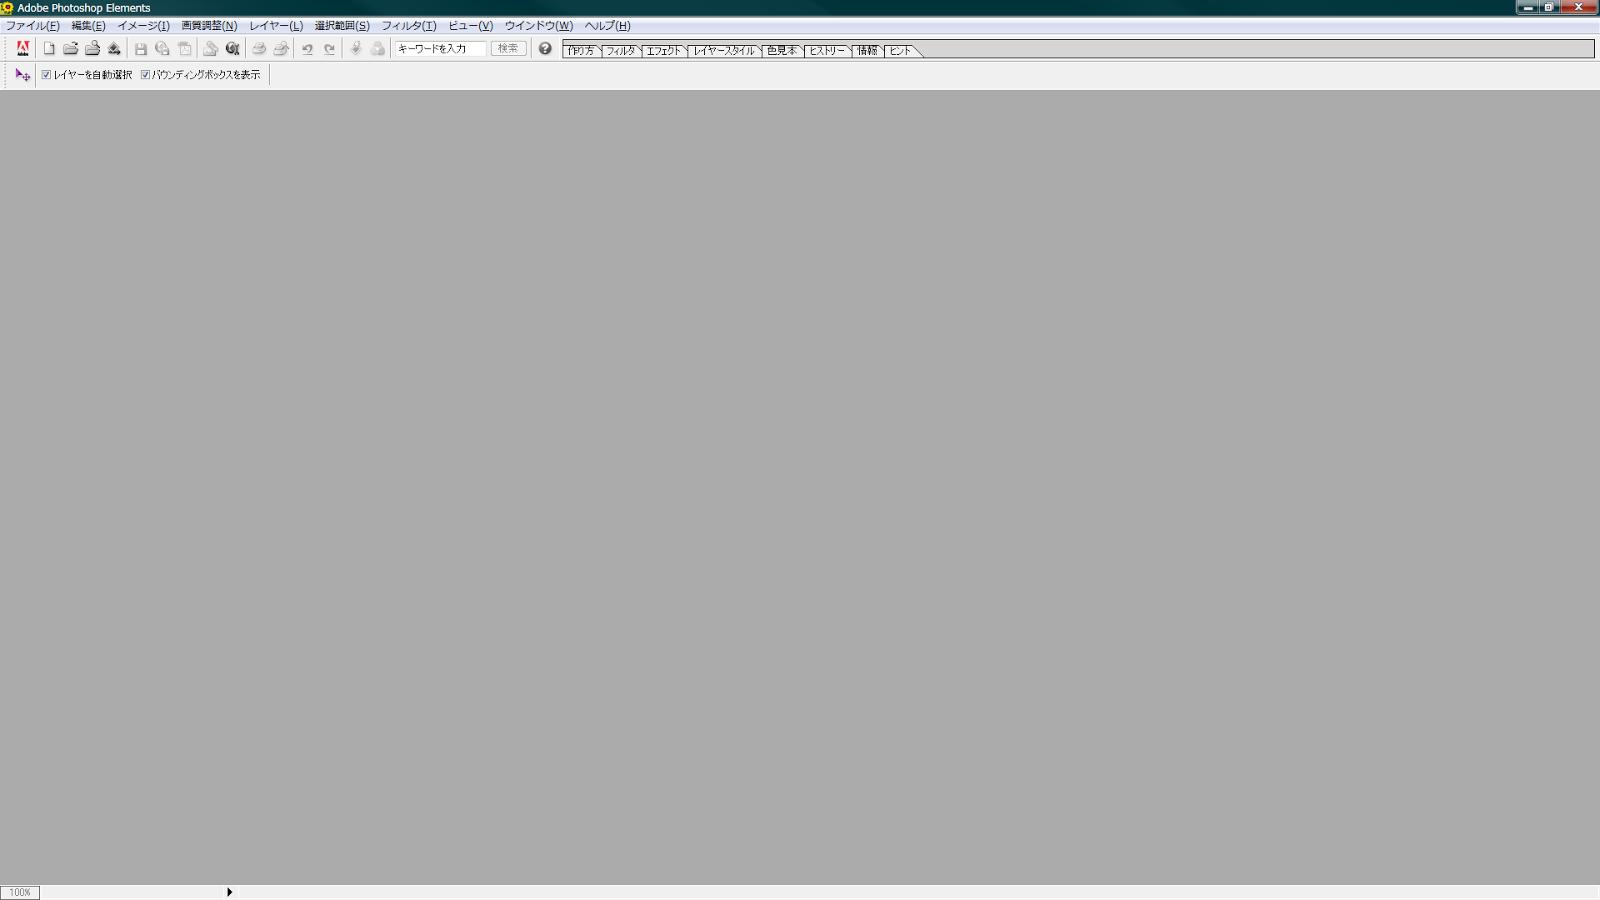 標準の Photoshop Elements 2.0 のウィンドウ